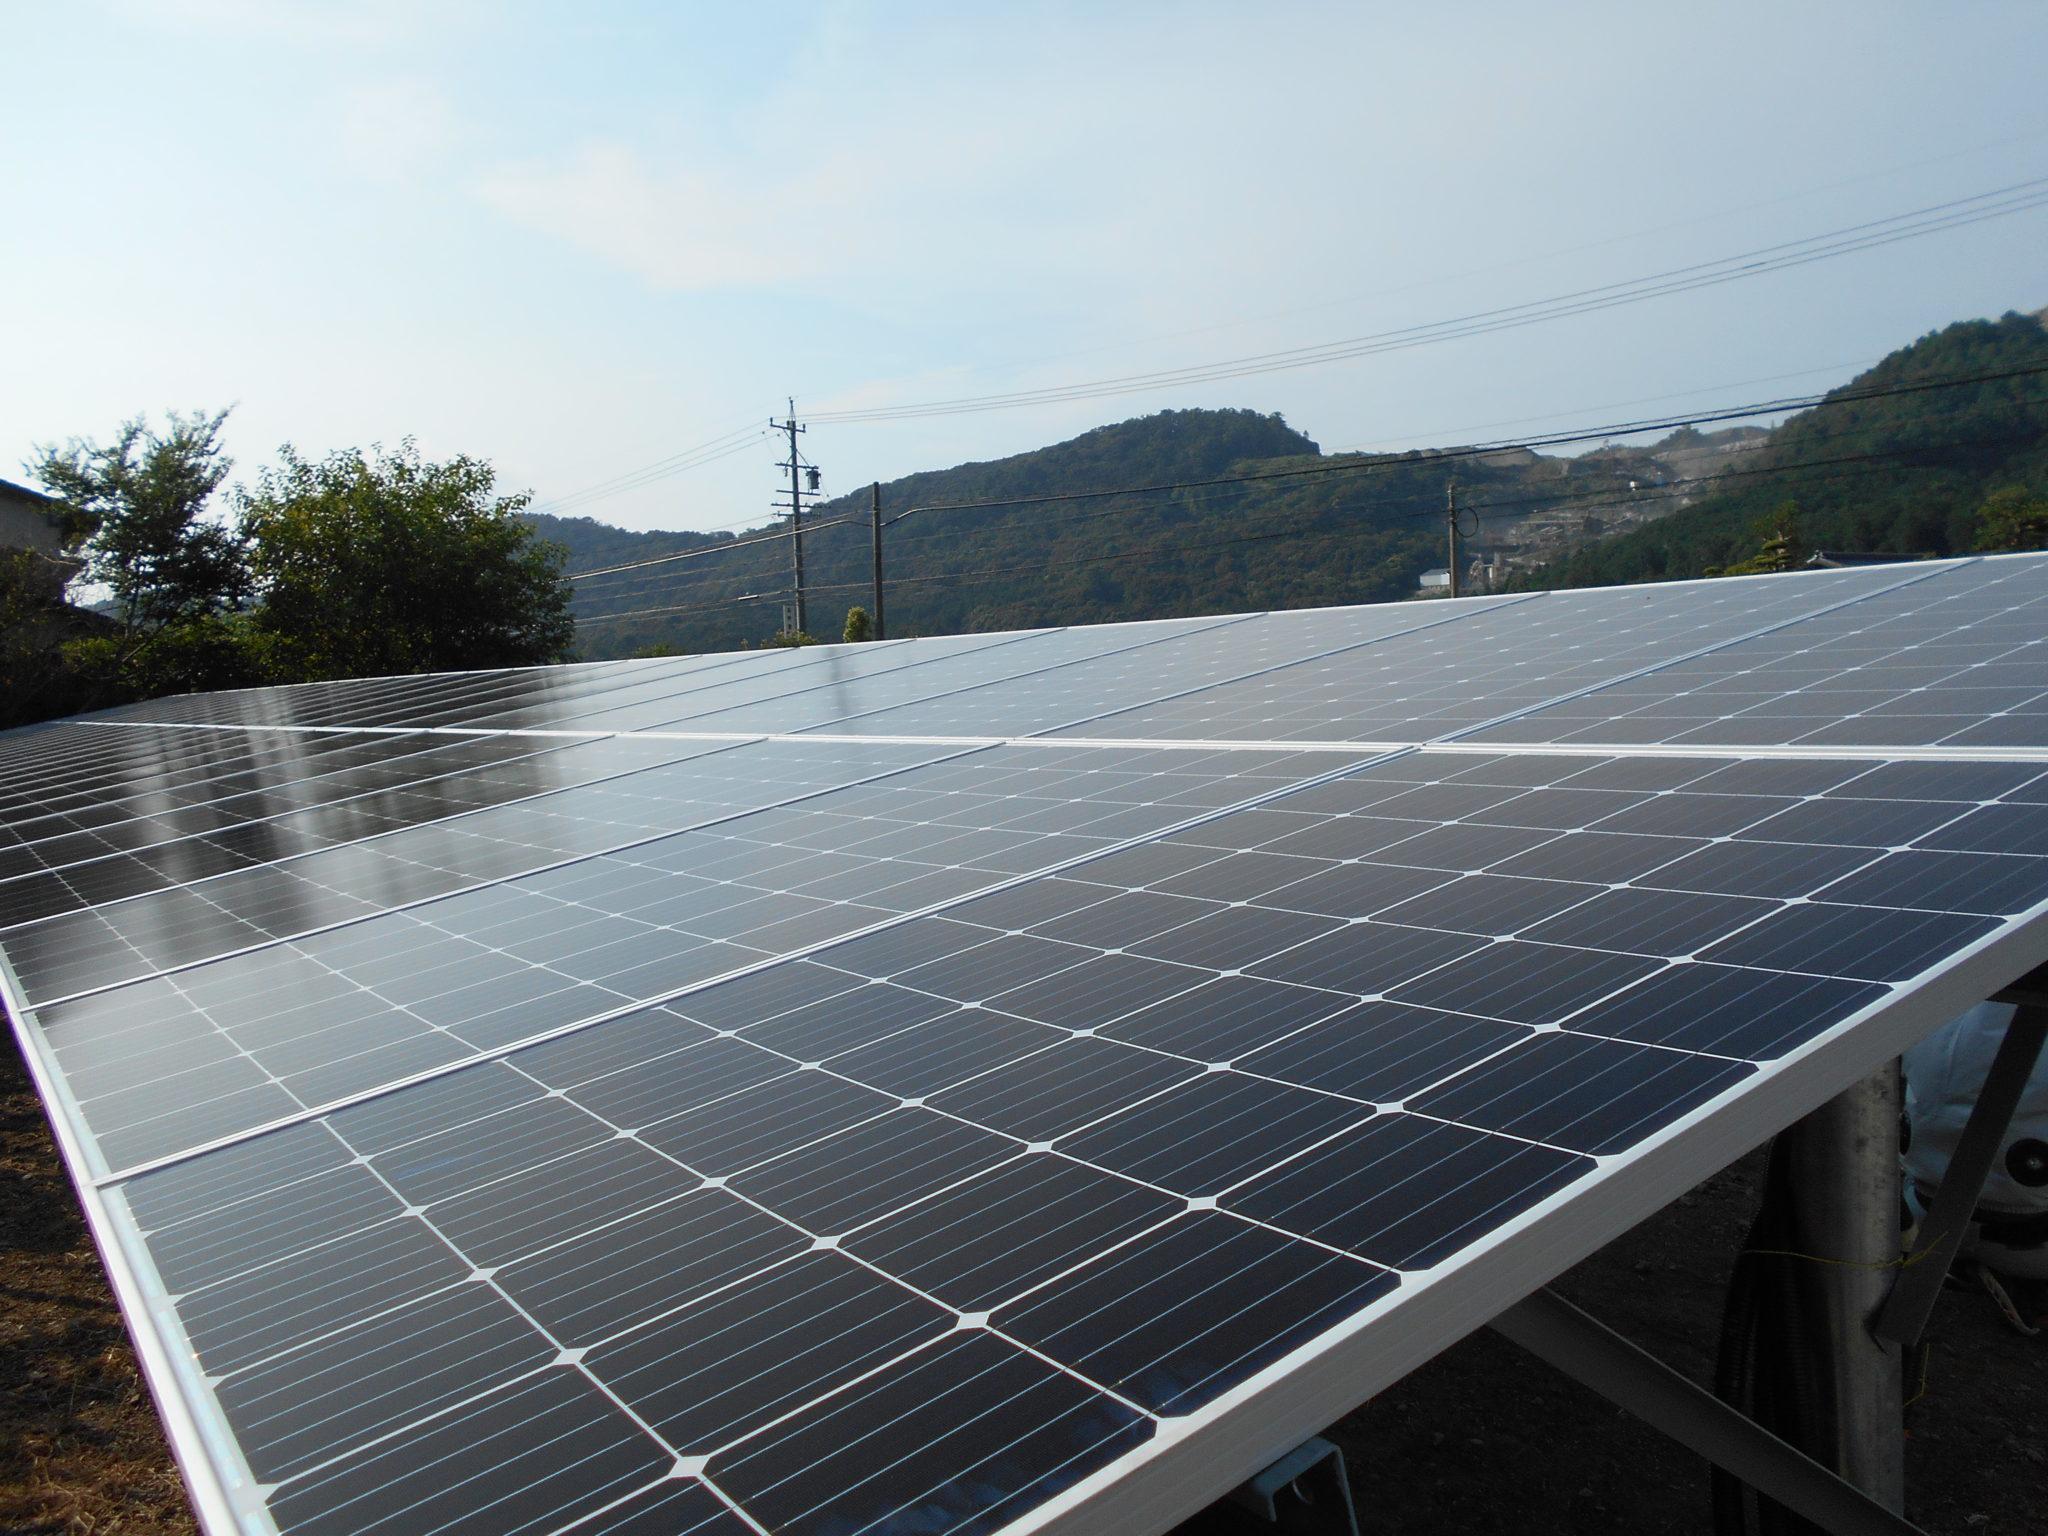 ソーラー発電事業部:豊橋市に太陽光発電所を設置